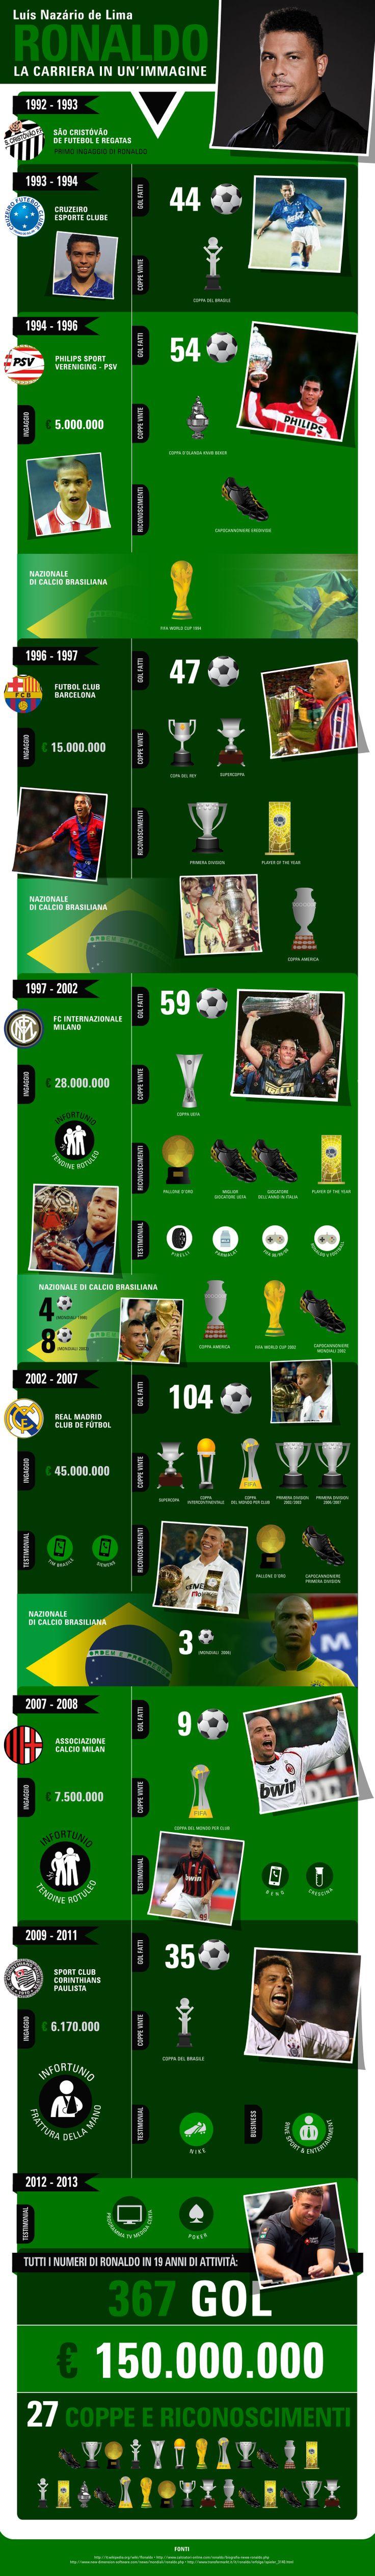 Infografica dedicata alla carriera di Ronaldo